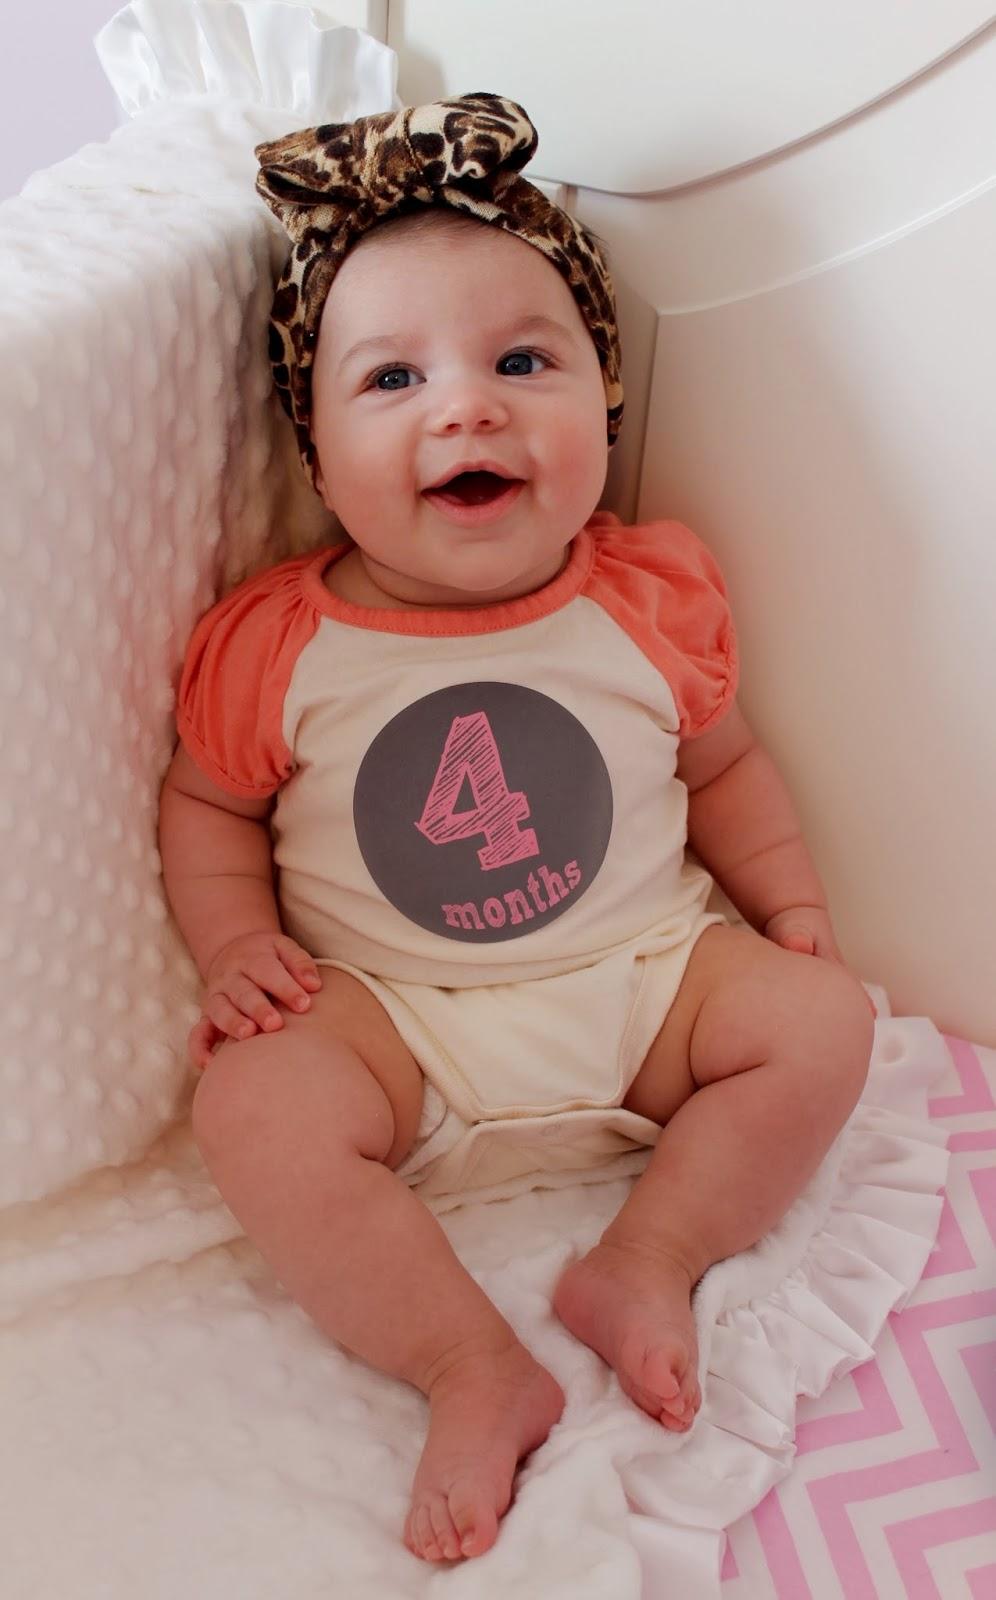 Tu bebé tiene 4 meses. Te explicamos las características del desarrollo de los bebés de cuatro meses: crecimiento, alimentación y sueño.